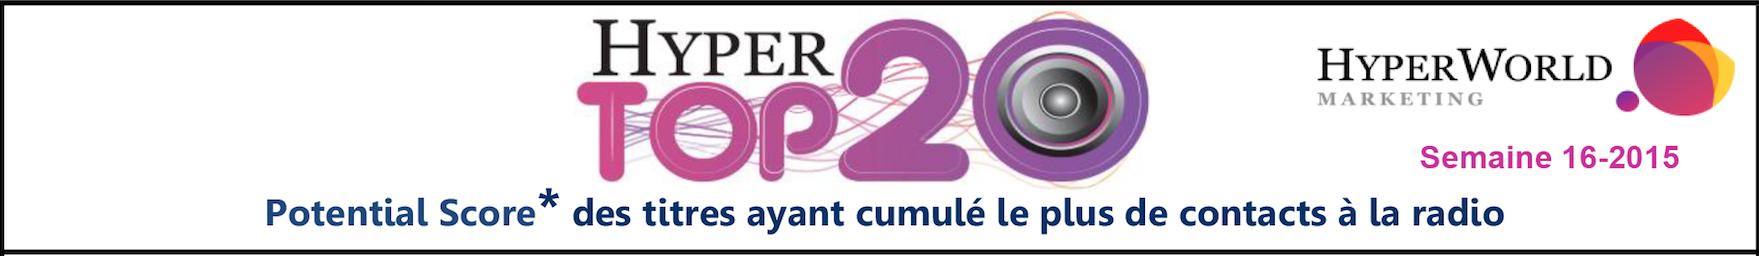 HyperTop20 - Semaine 16-2015. Le dessous des cartes de Yacast